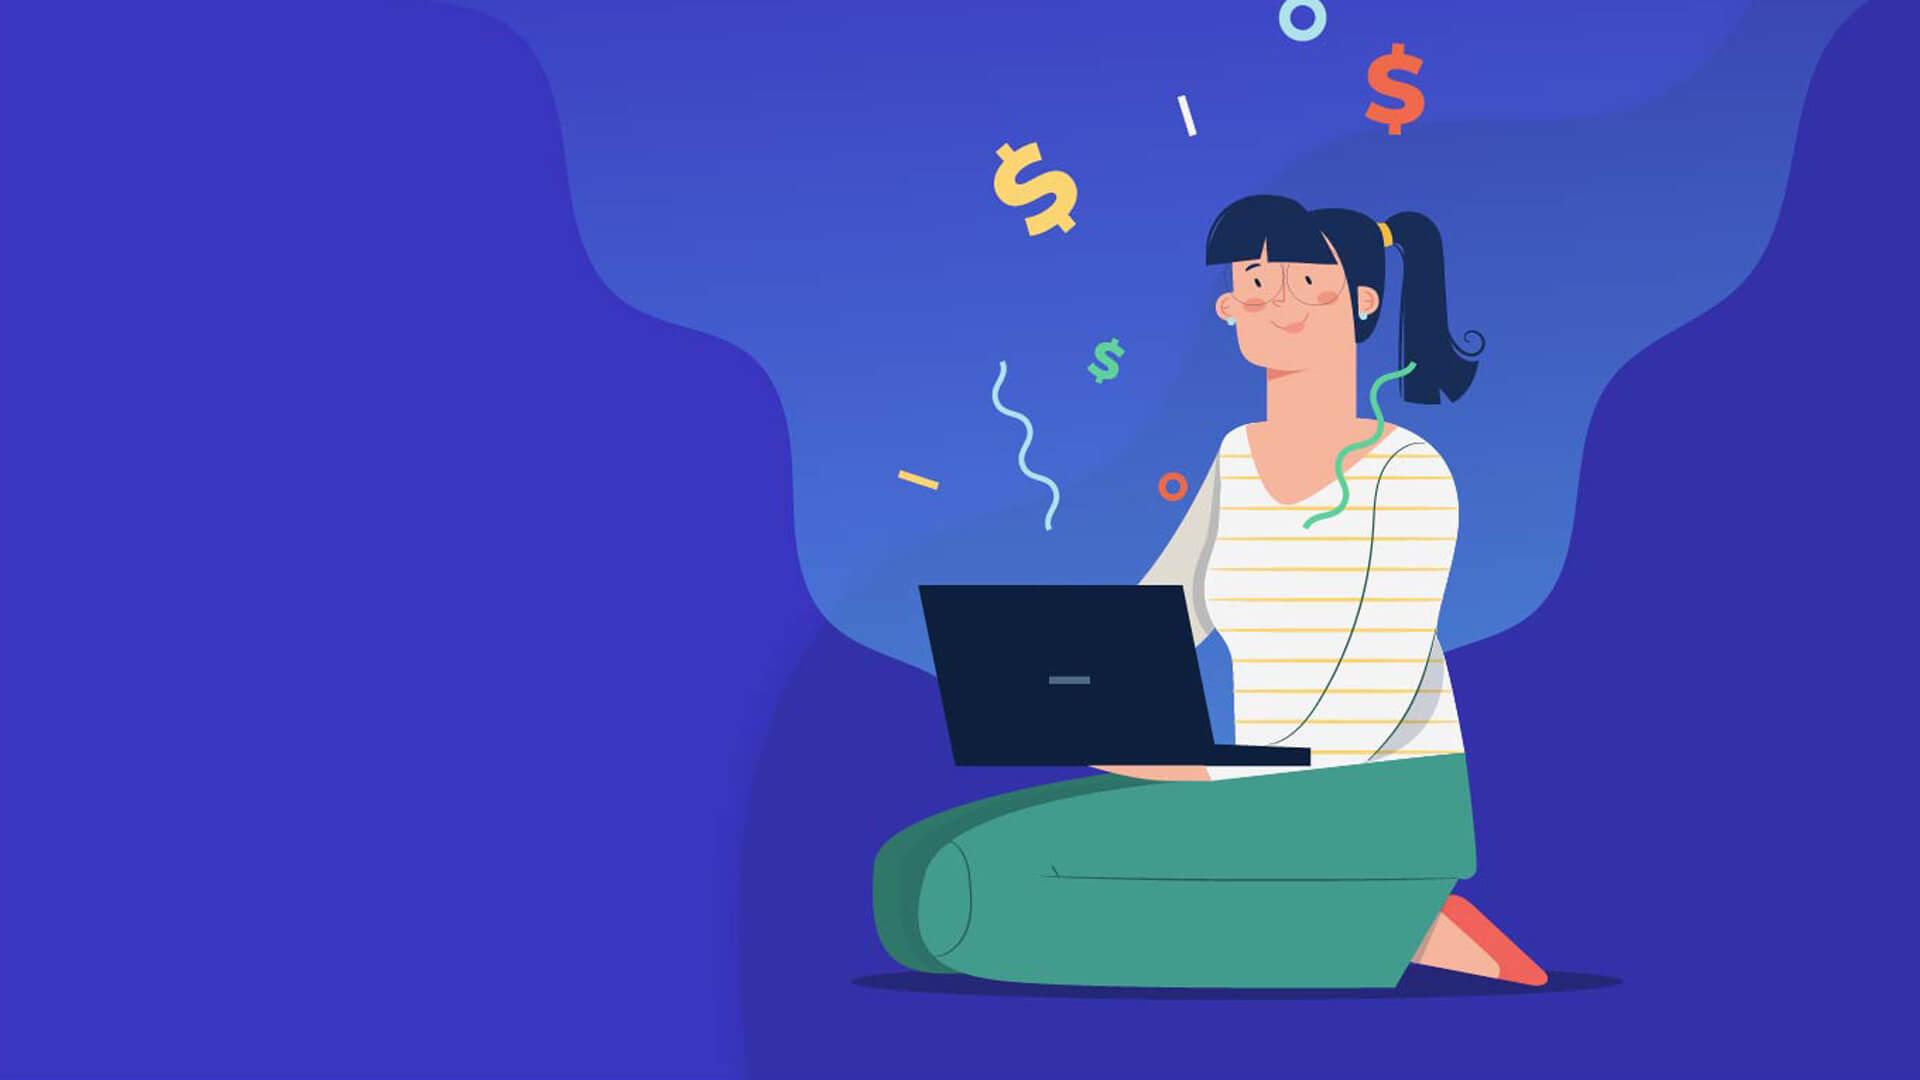 Kinh nghiệm làm cộng tác viên bán hàng online 2